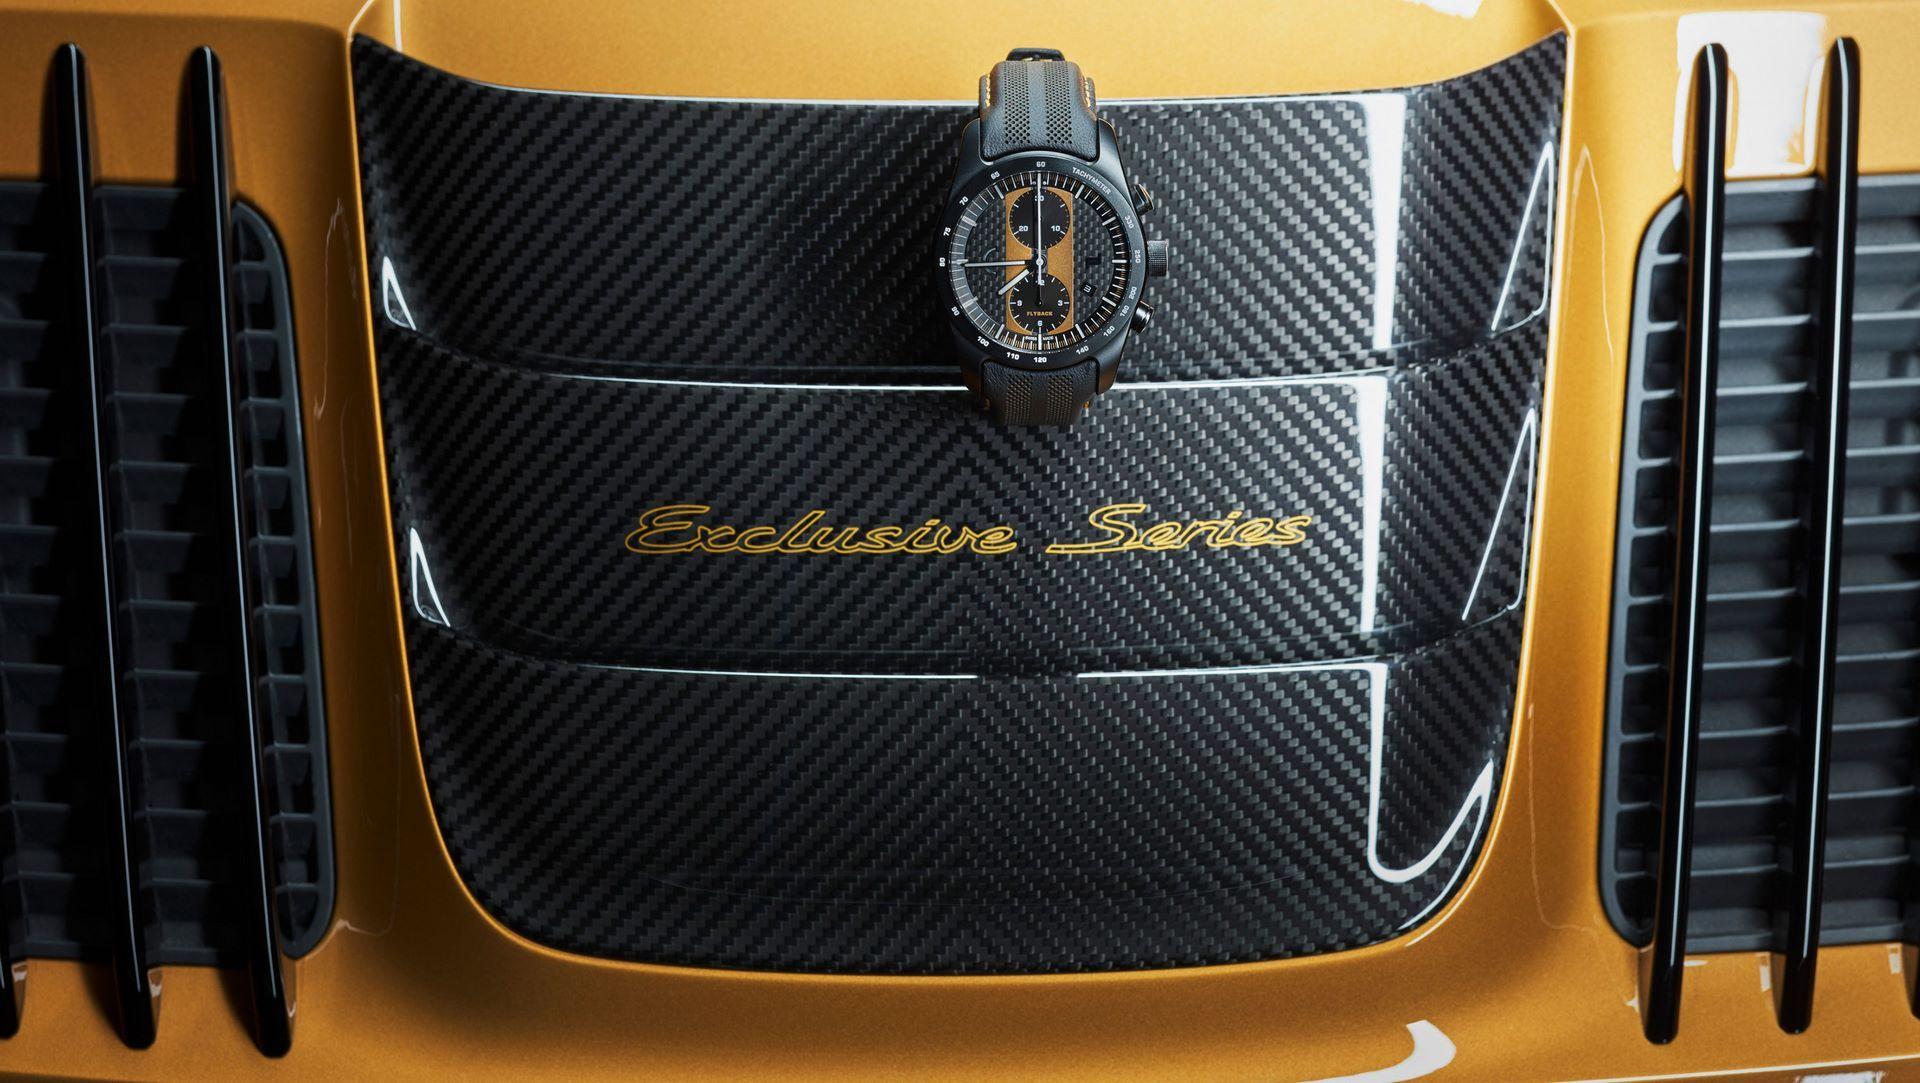 Porsche-Design-Watches-Personalize-13